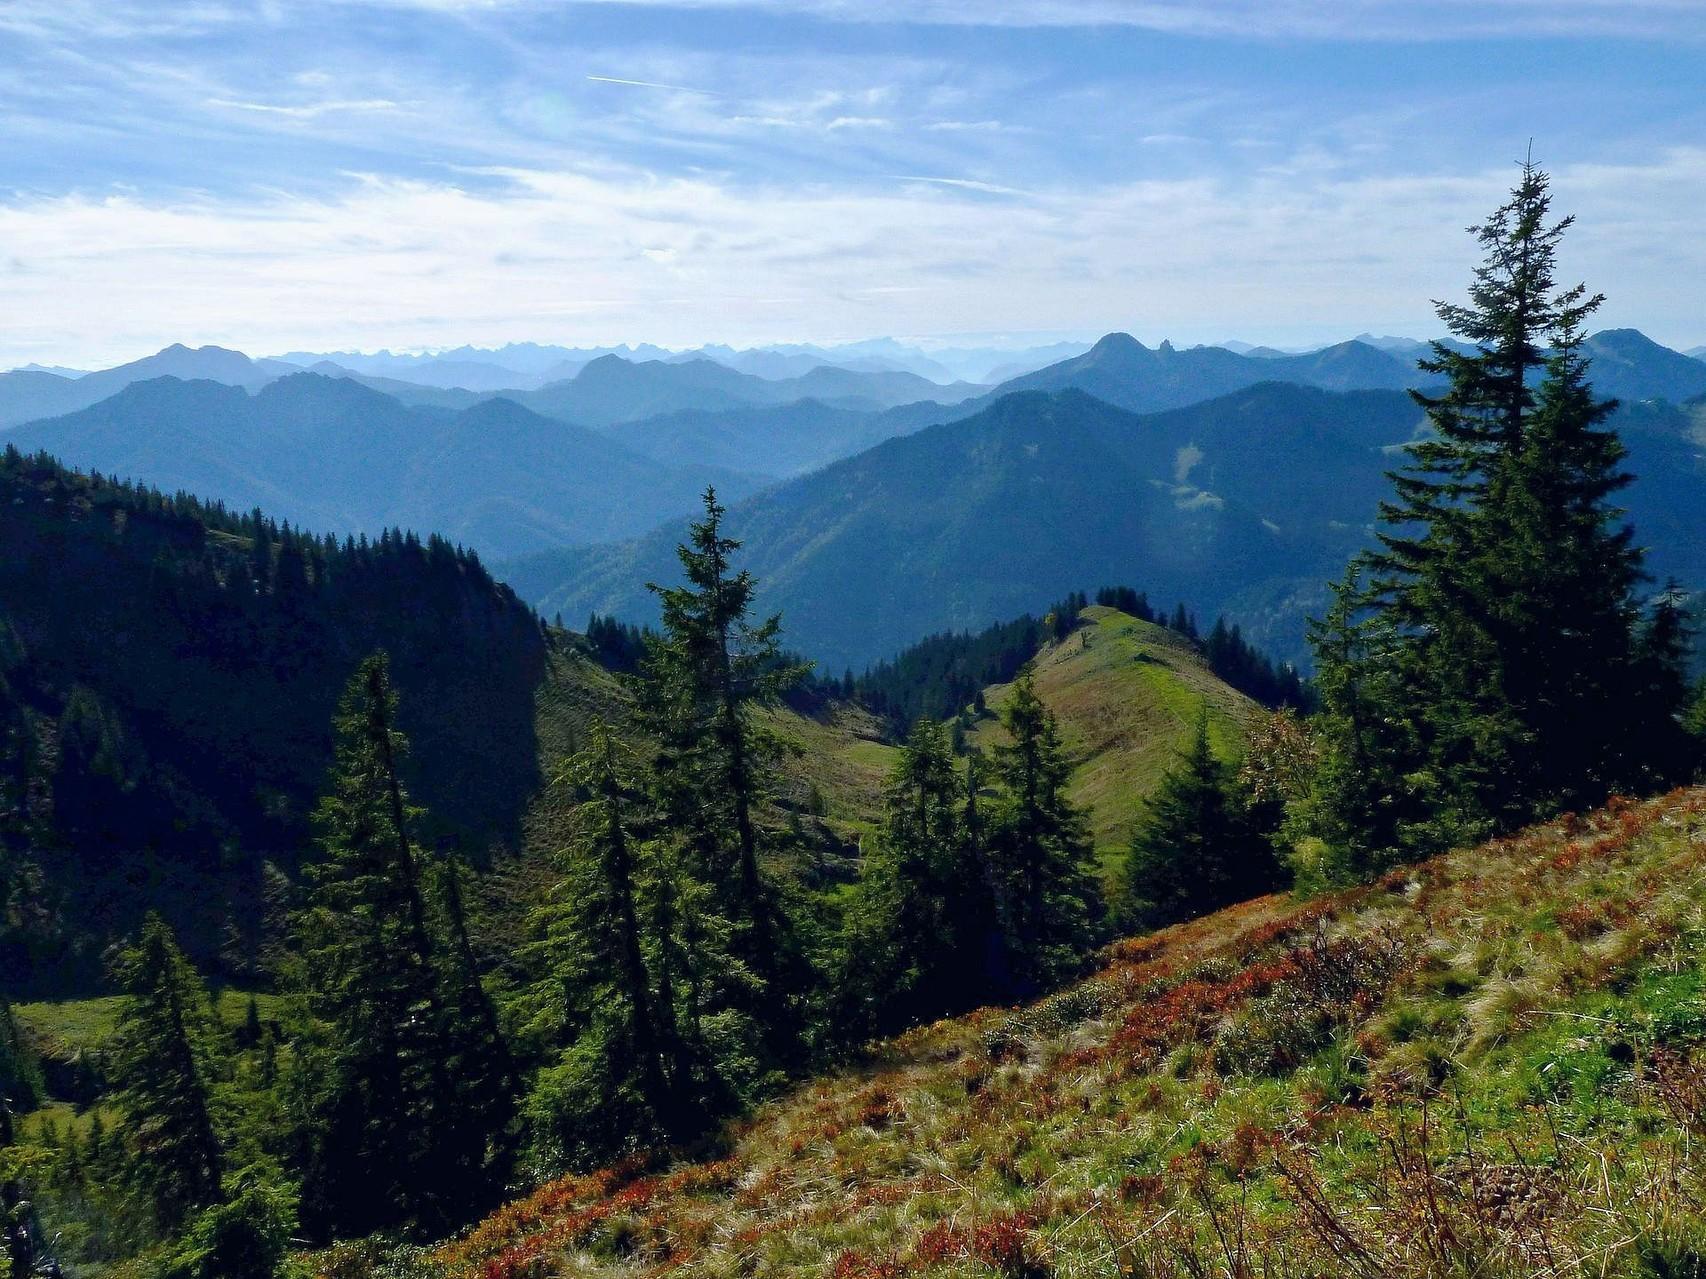 Karwendel, Wettersteingebirge, Schlierseer und Tegernseer Berge vom Weg Taubensteinbahn-Bergstation - Rotwandhaus